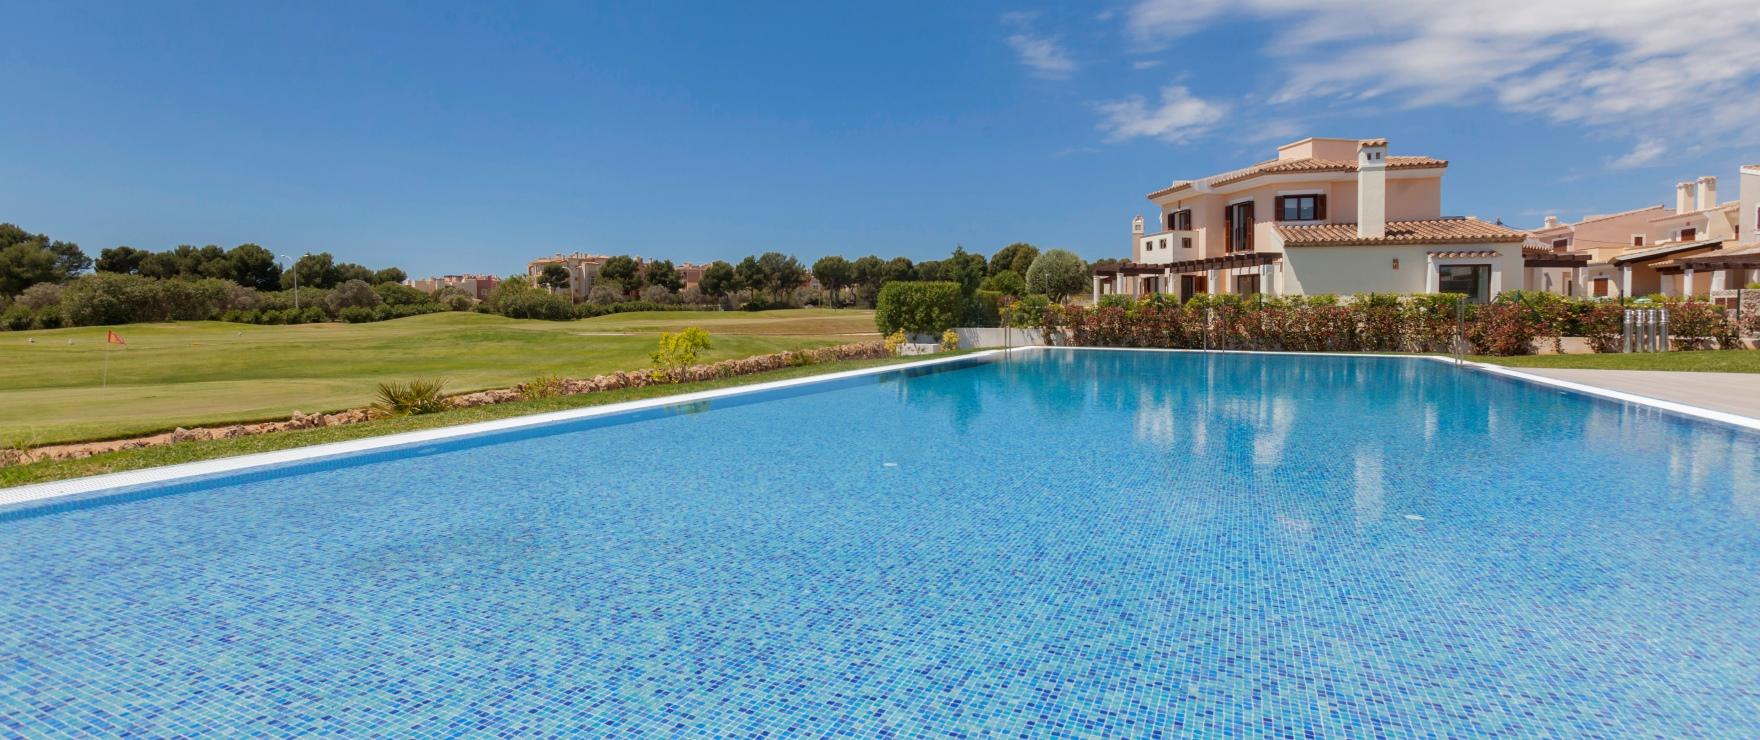 Marina Golf, Nova Santa Ponsa (Mallorca)